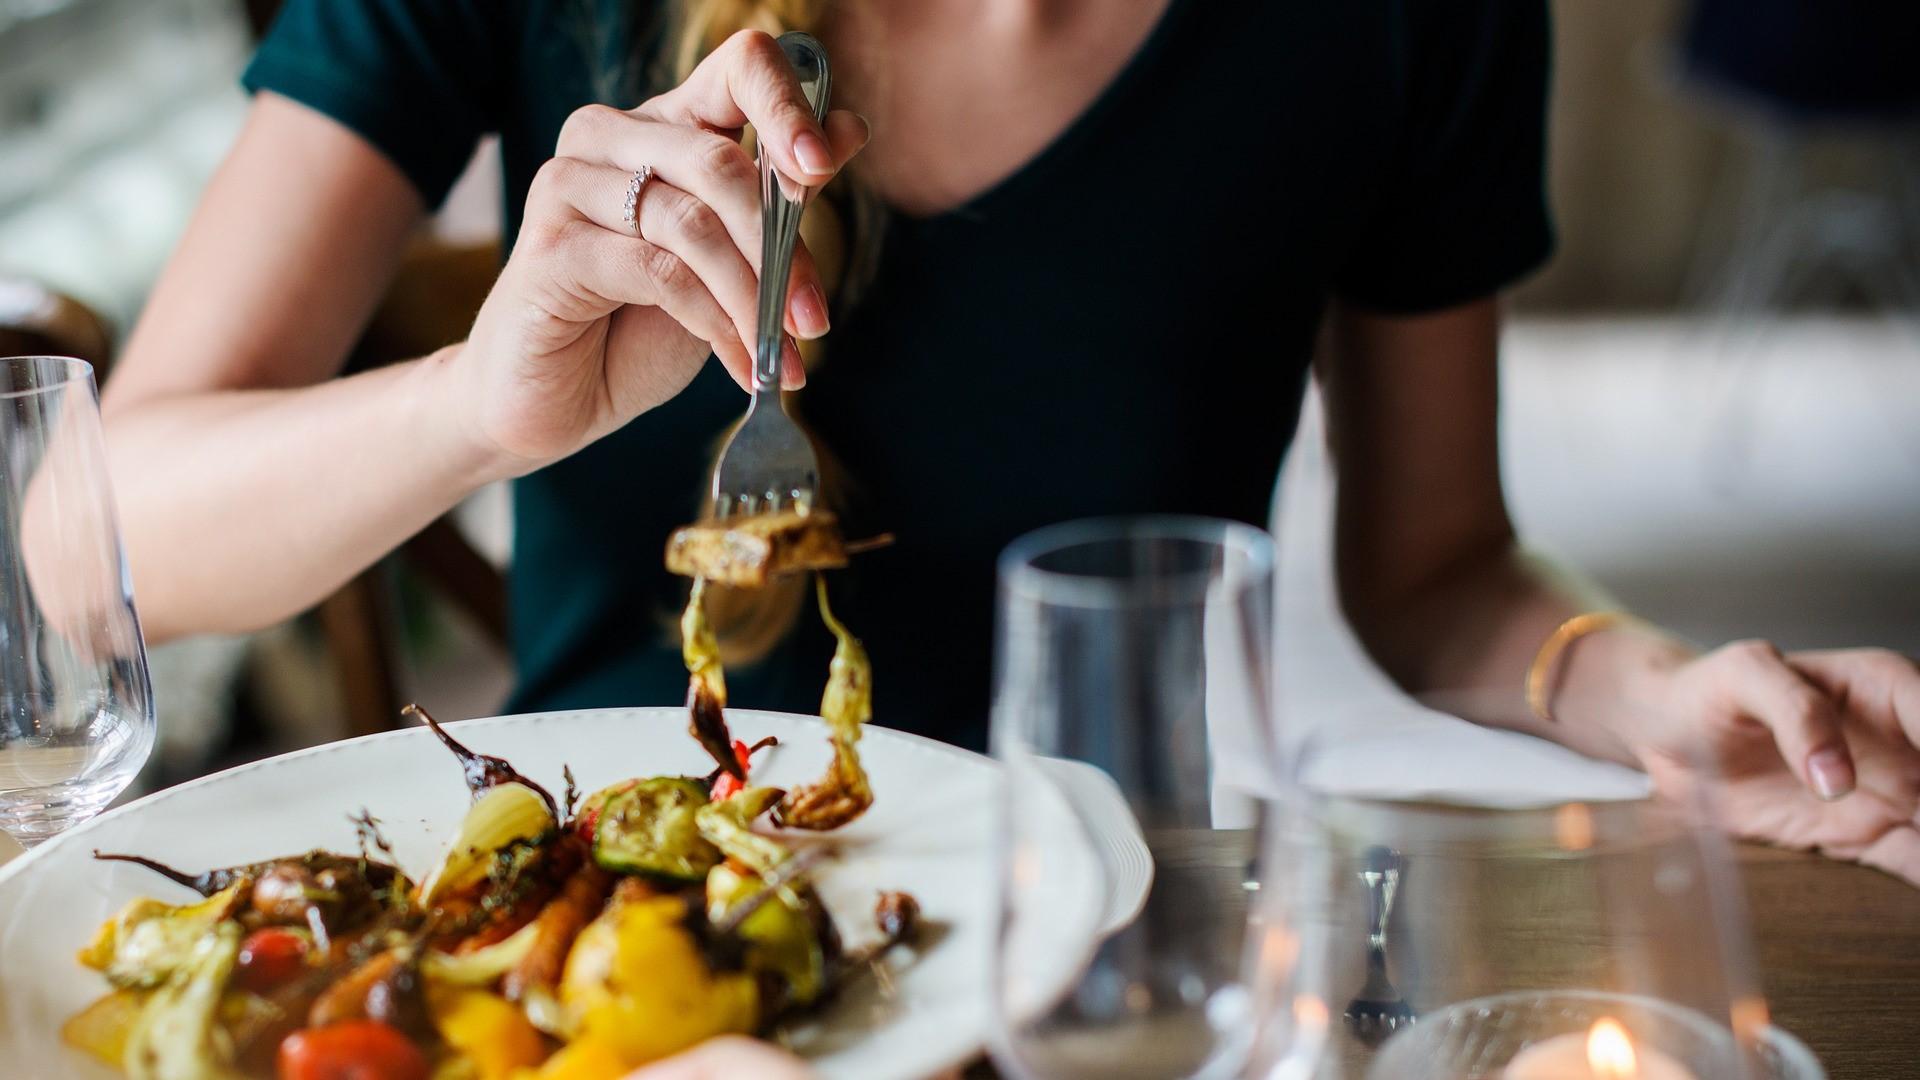 妊娠中の女性のための健康的な食事